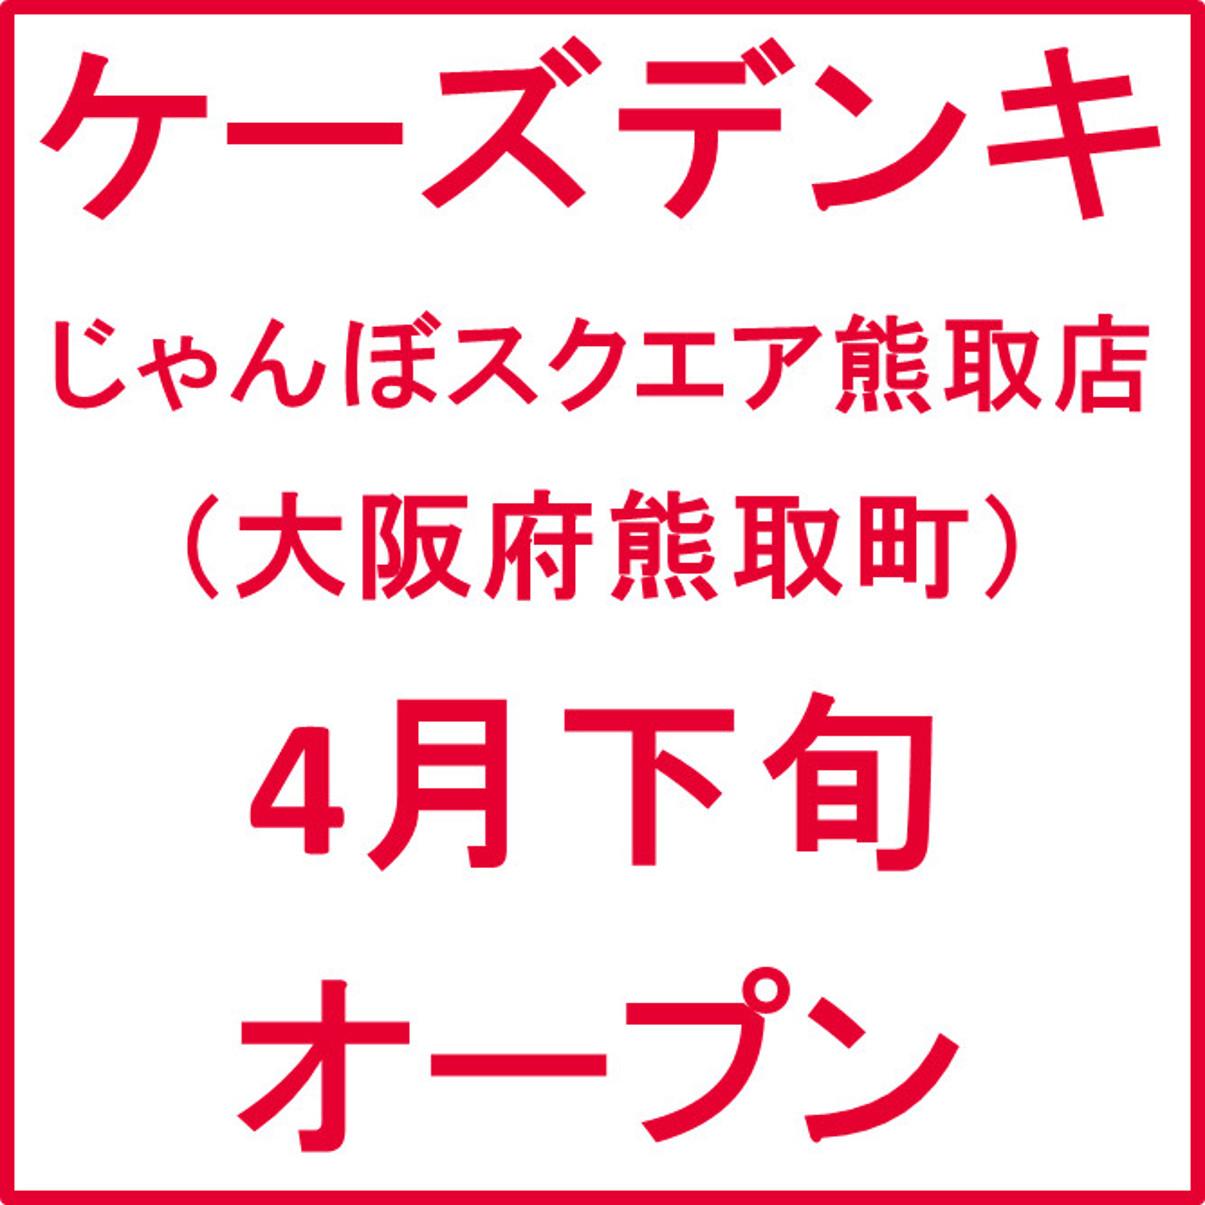 ケーズデンキじゃんぼスクエア熊取店オープンアイキャッチ1205